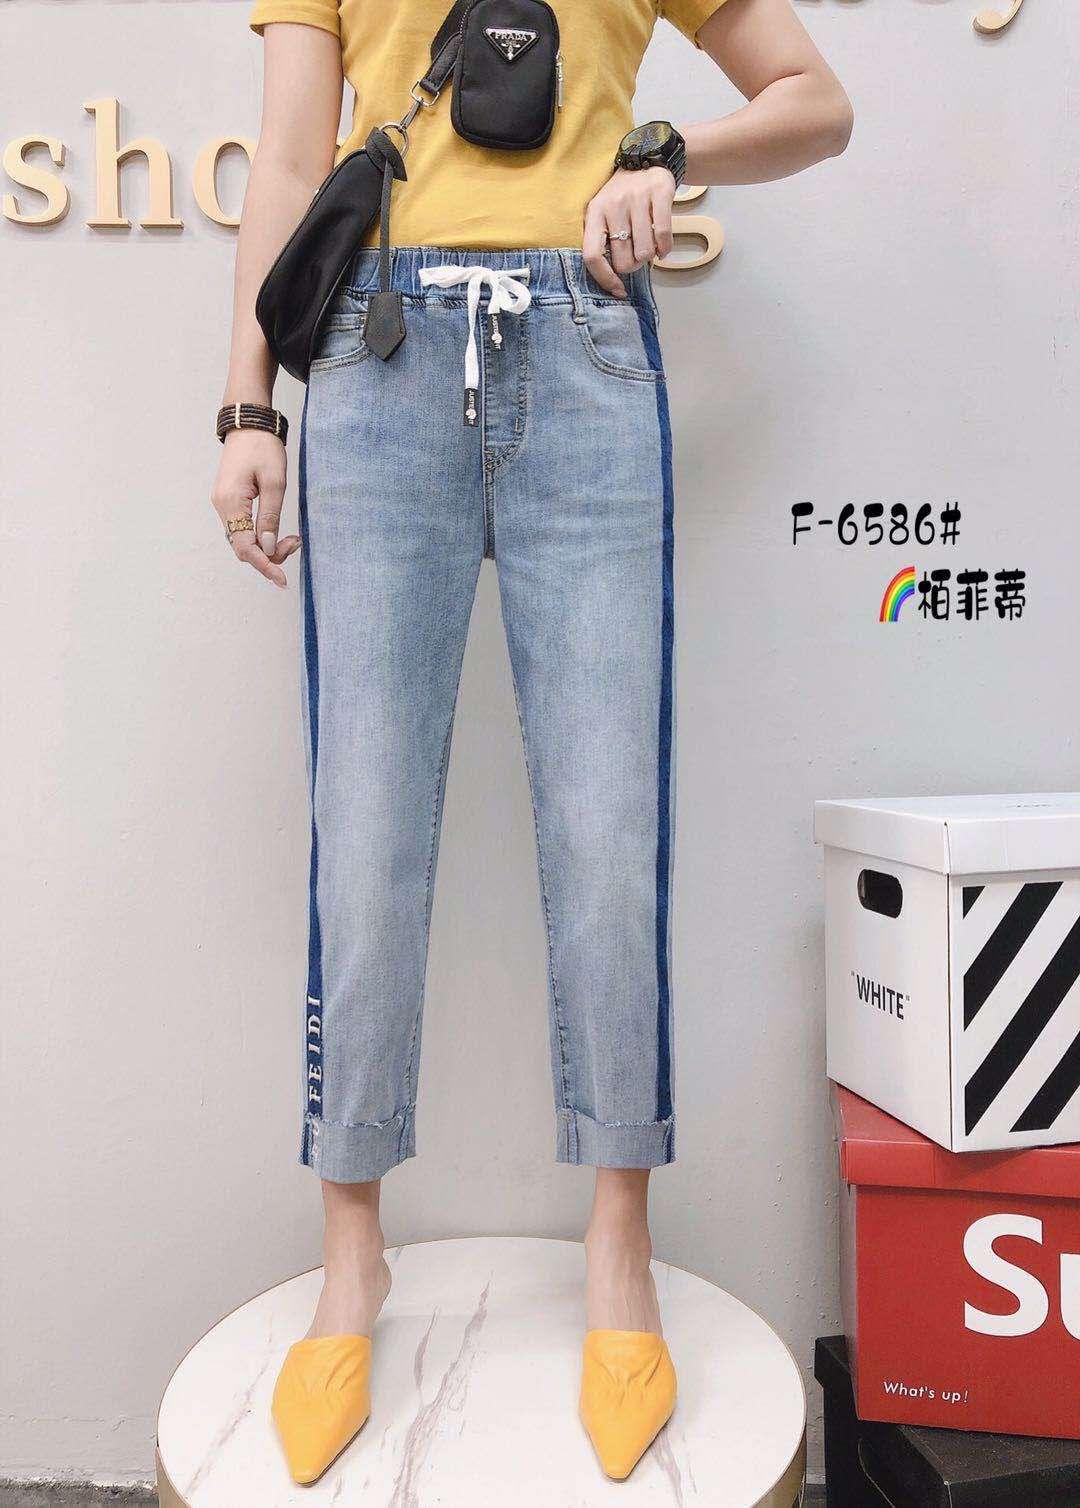 2020夏季大码女裤胖mm新款宽松显瘦薄款九分牛仔裤6586